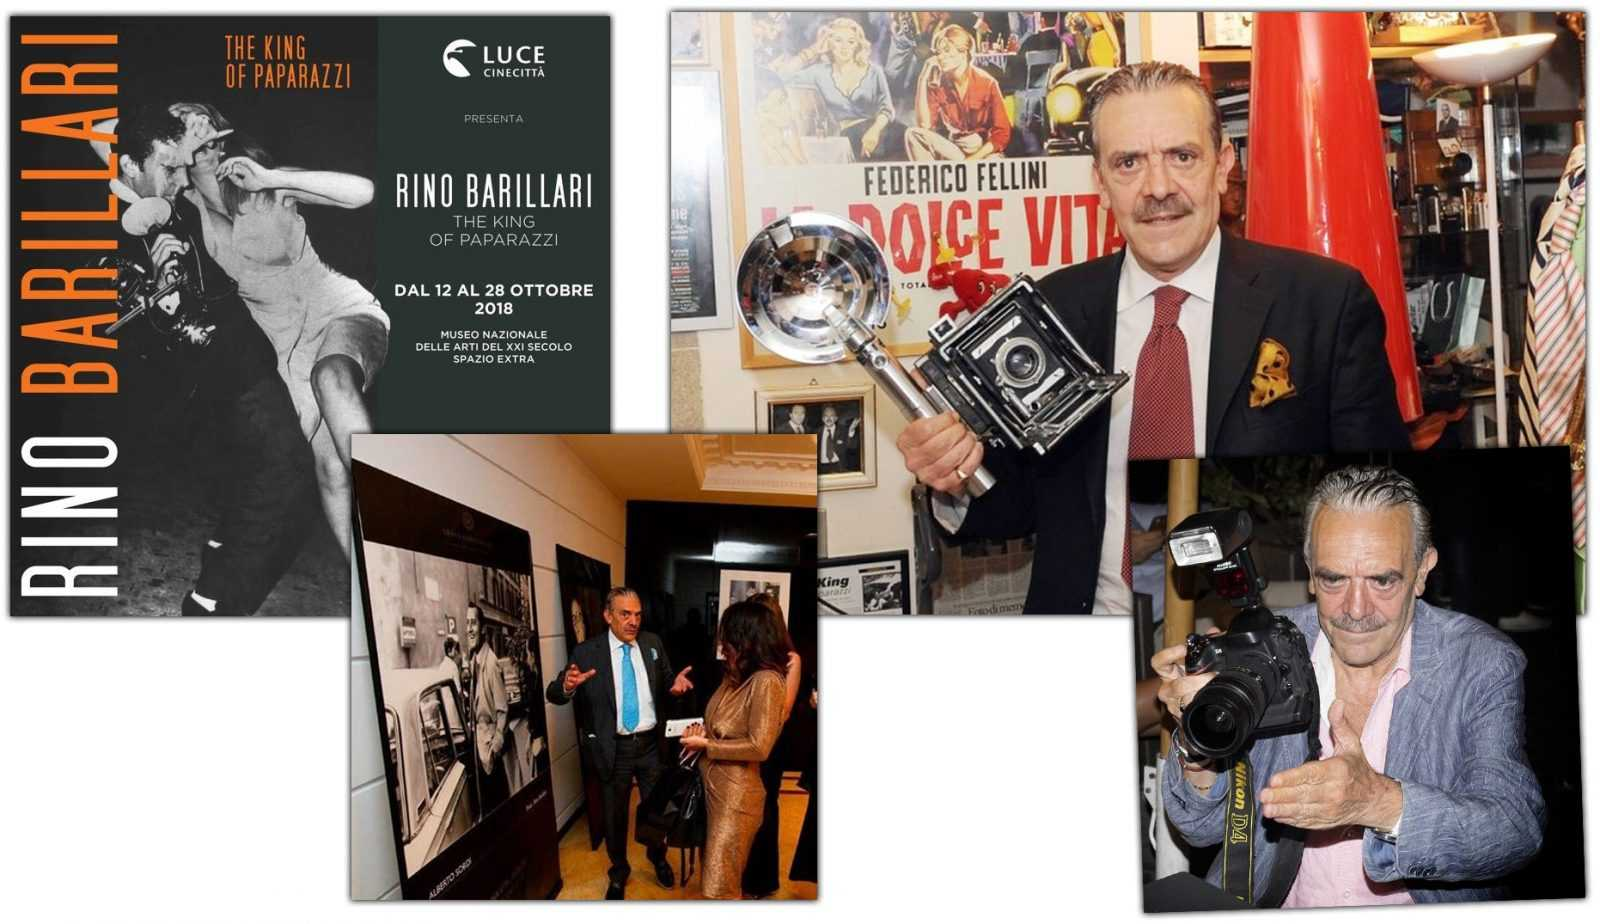 Rino Barillari The King of Paparazzi